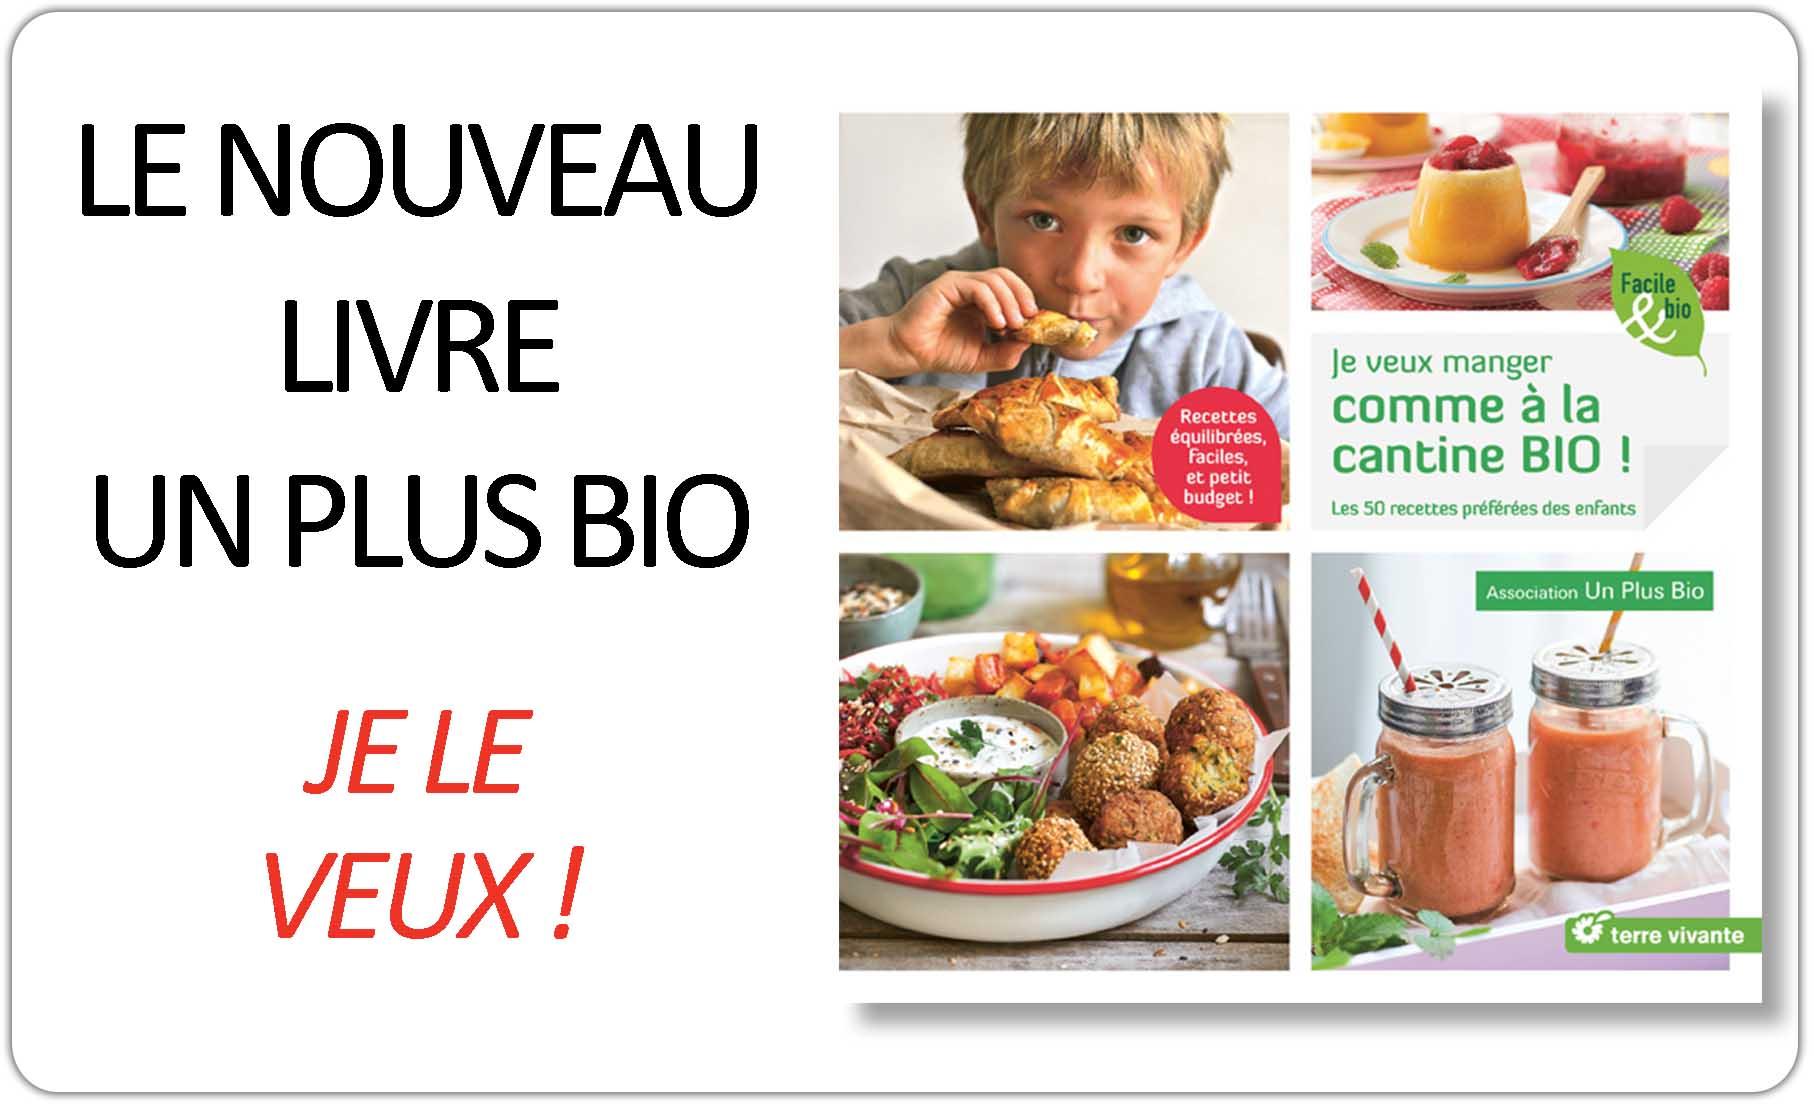 Mon enfant cuisine bio : Et japprends avec lui (Ma vie en bio) (French Edition)